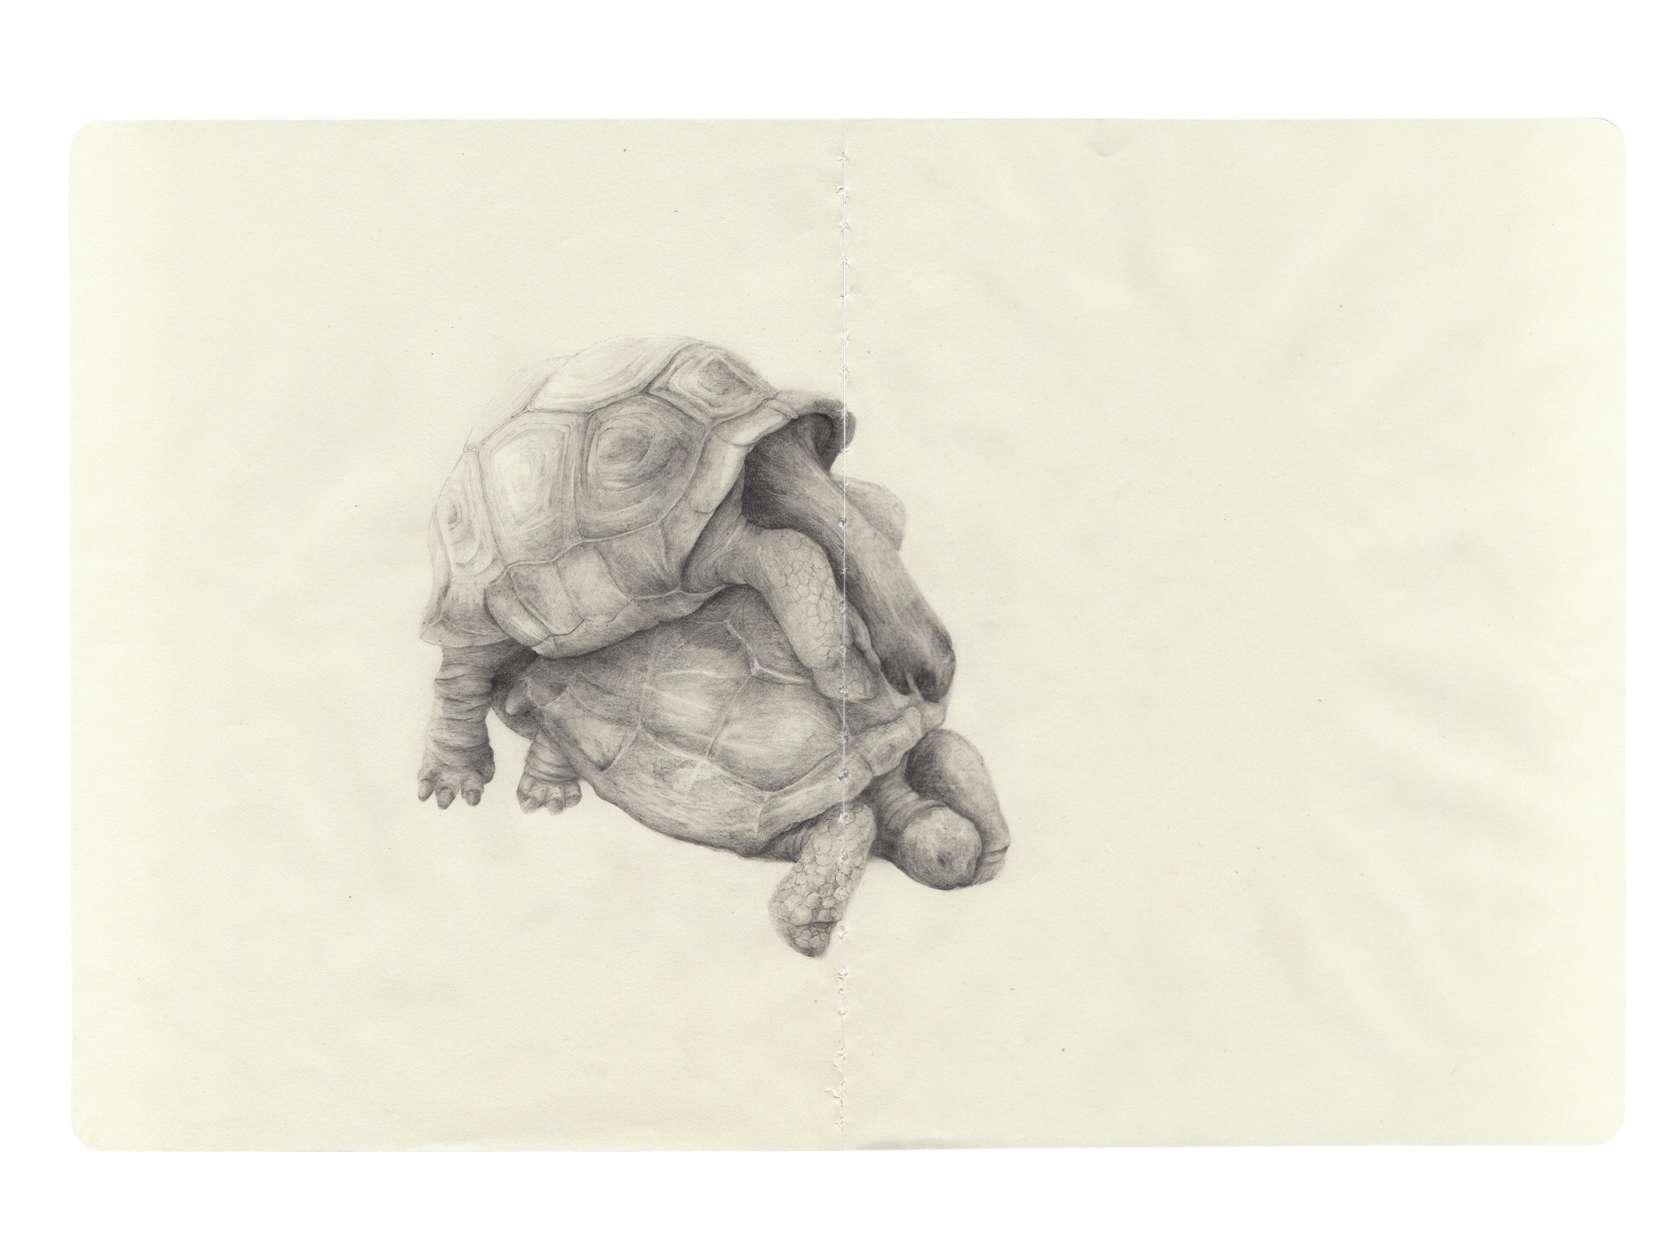 Laurent Le Deunff, Rut  (tortues), 2011 Crayon sur papier Moleskine25 x 38 cm / 9 7/8 x 15  inches